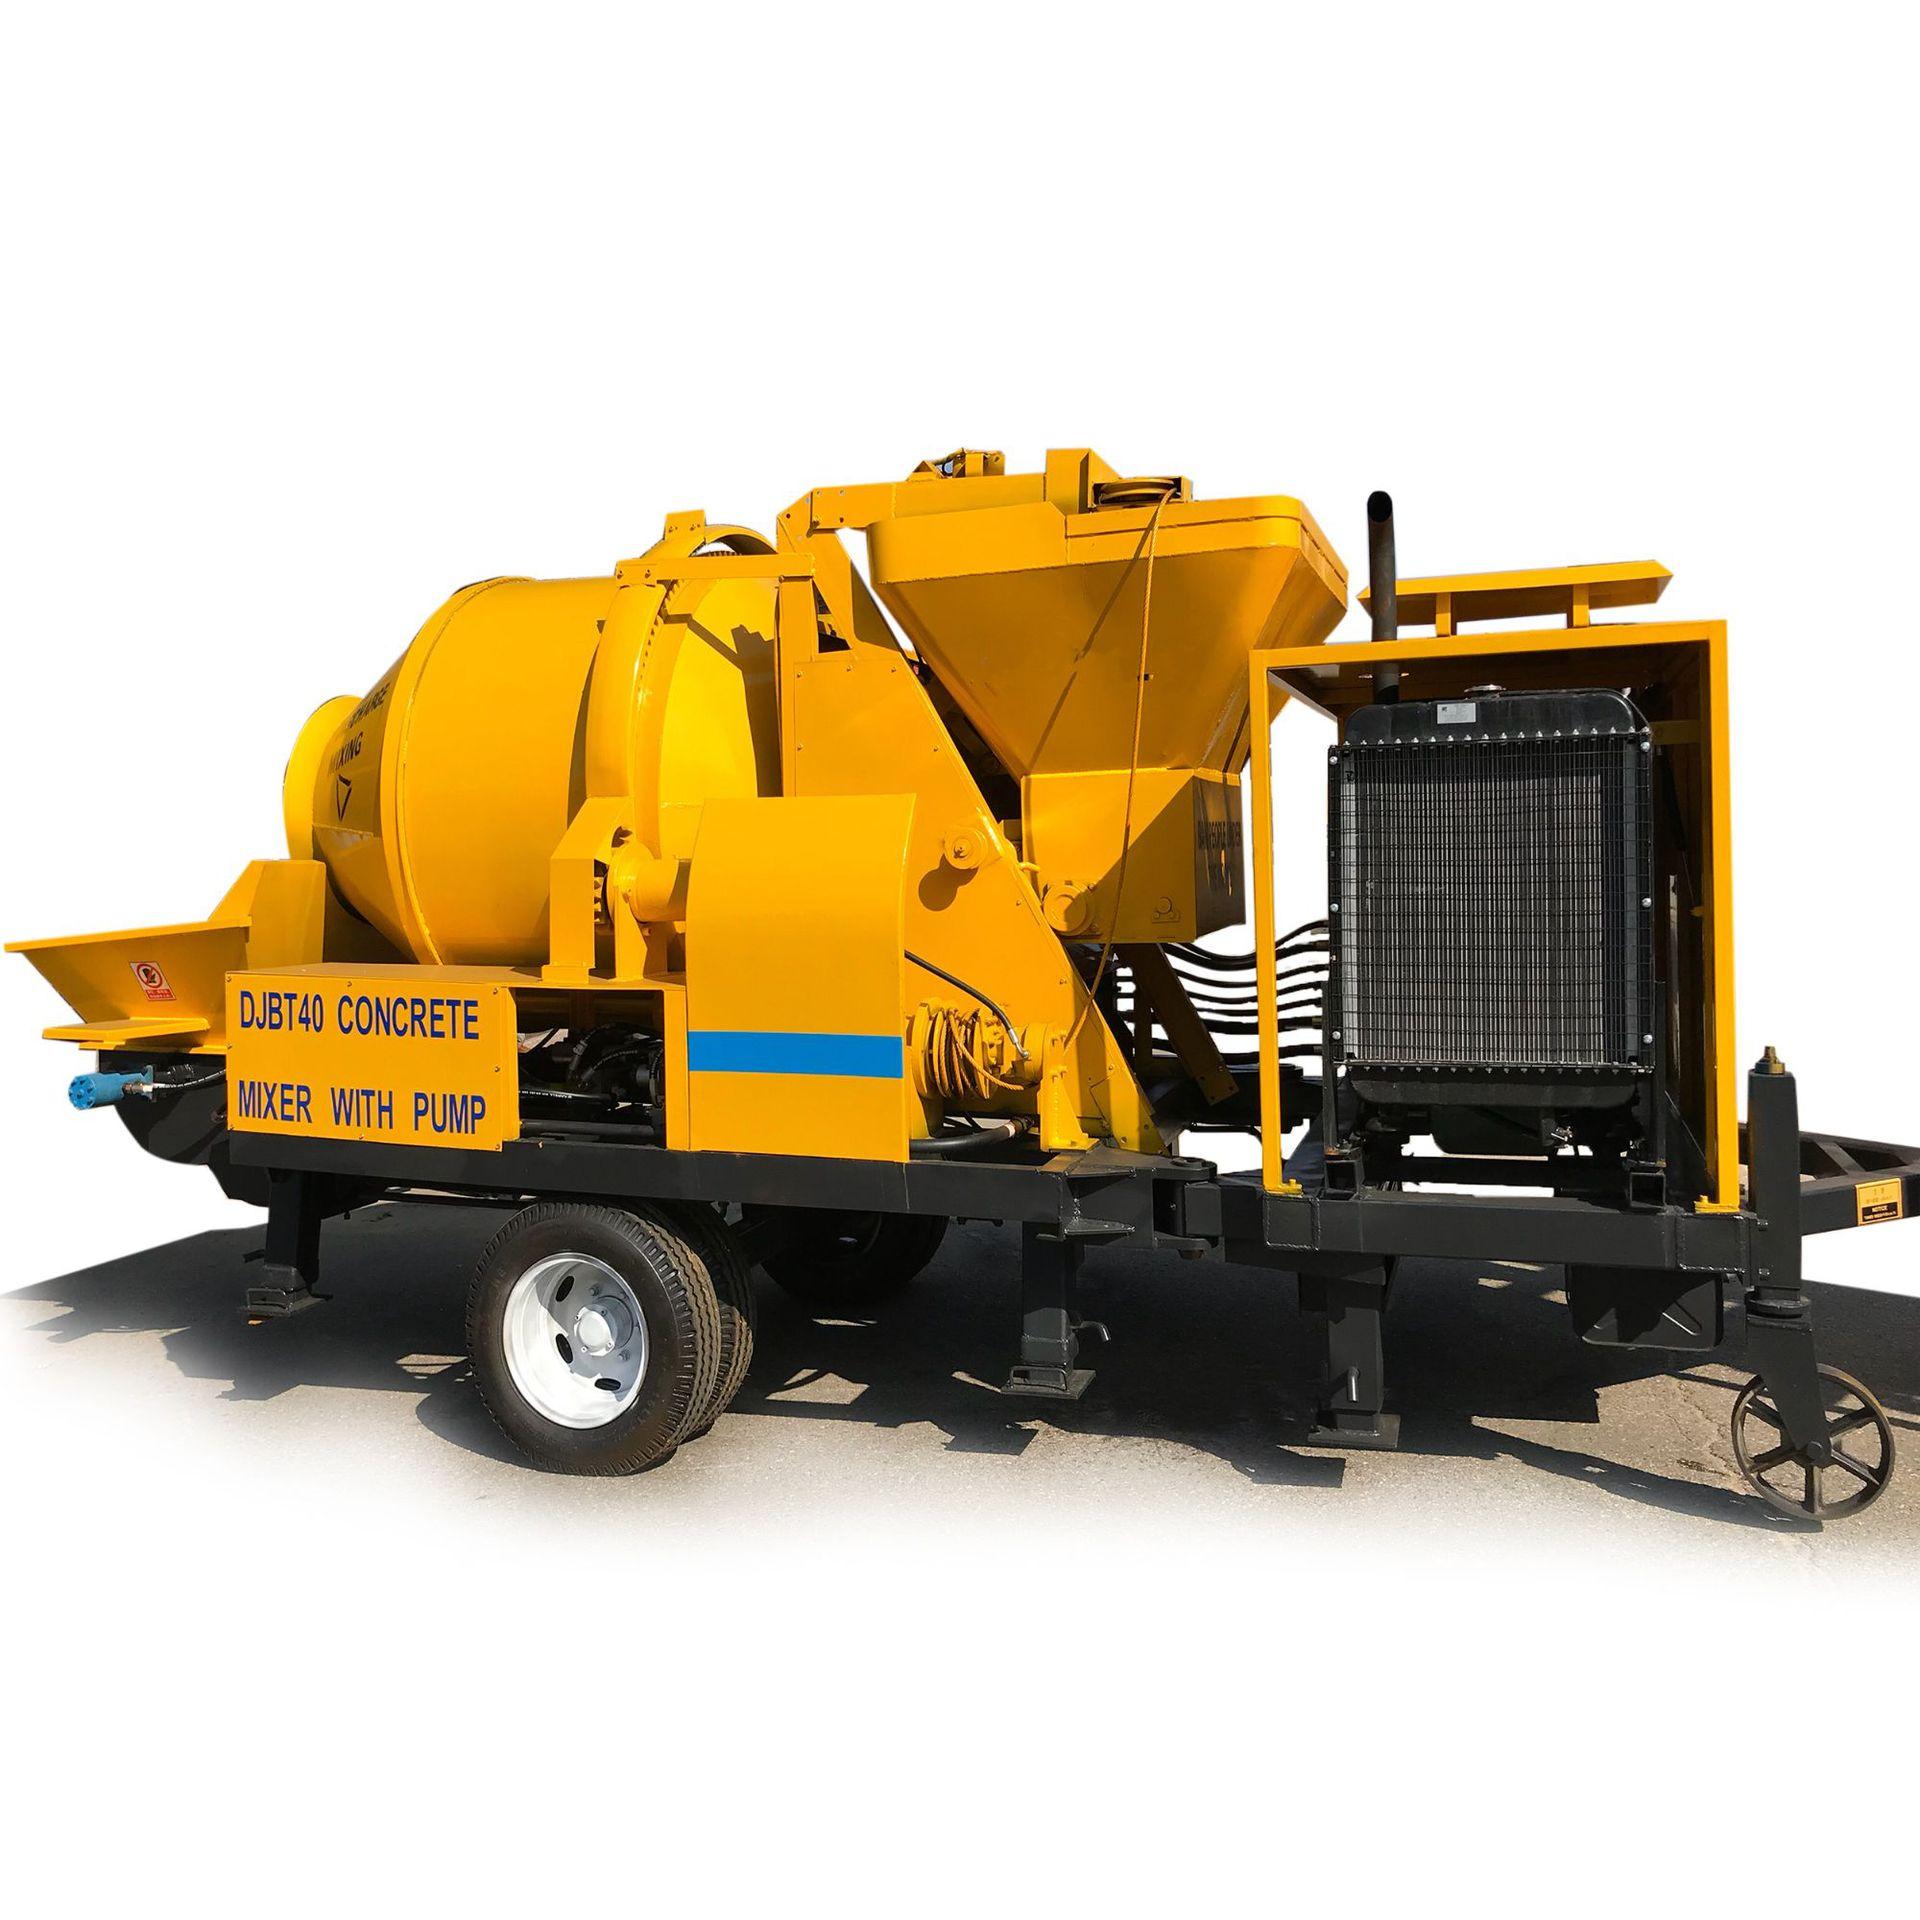 Mixer Pump Jbs30 Mixing Pump 30 Diesel Concrete Mixer With Pump